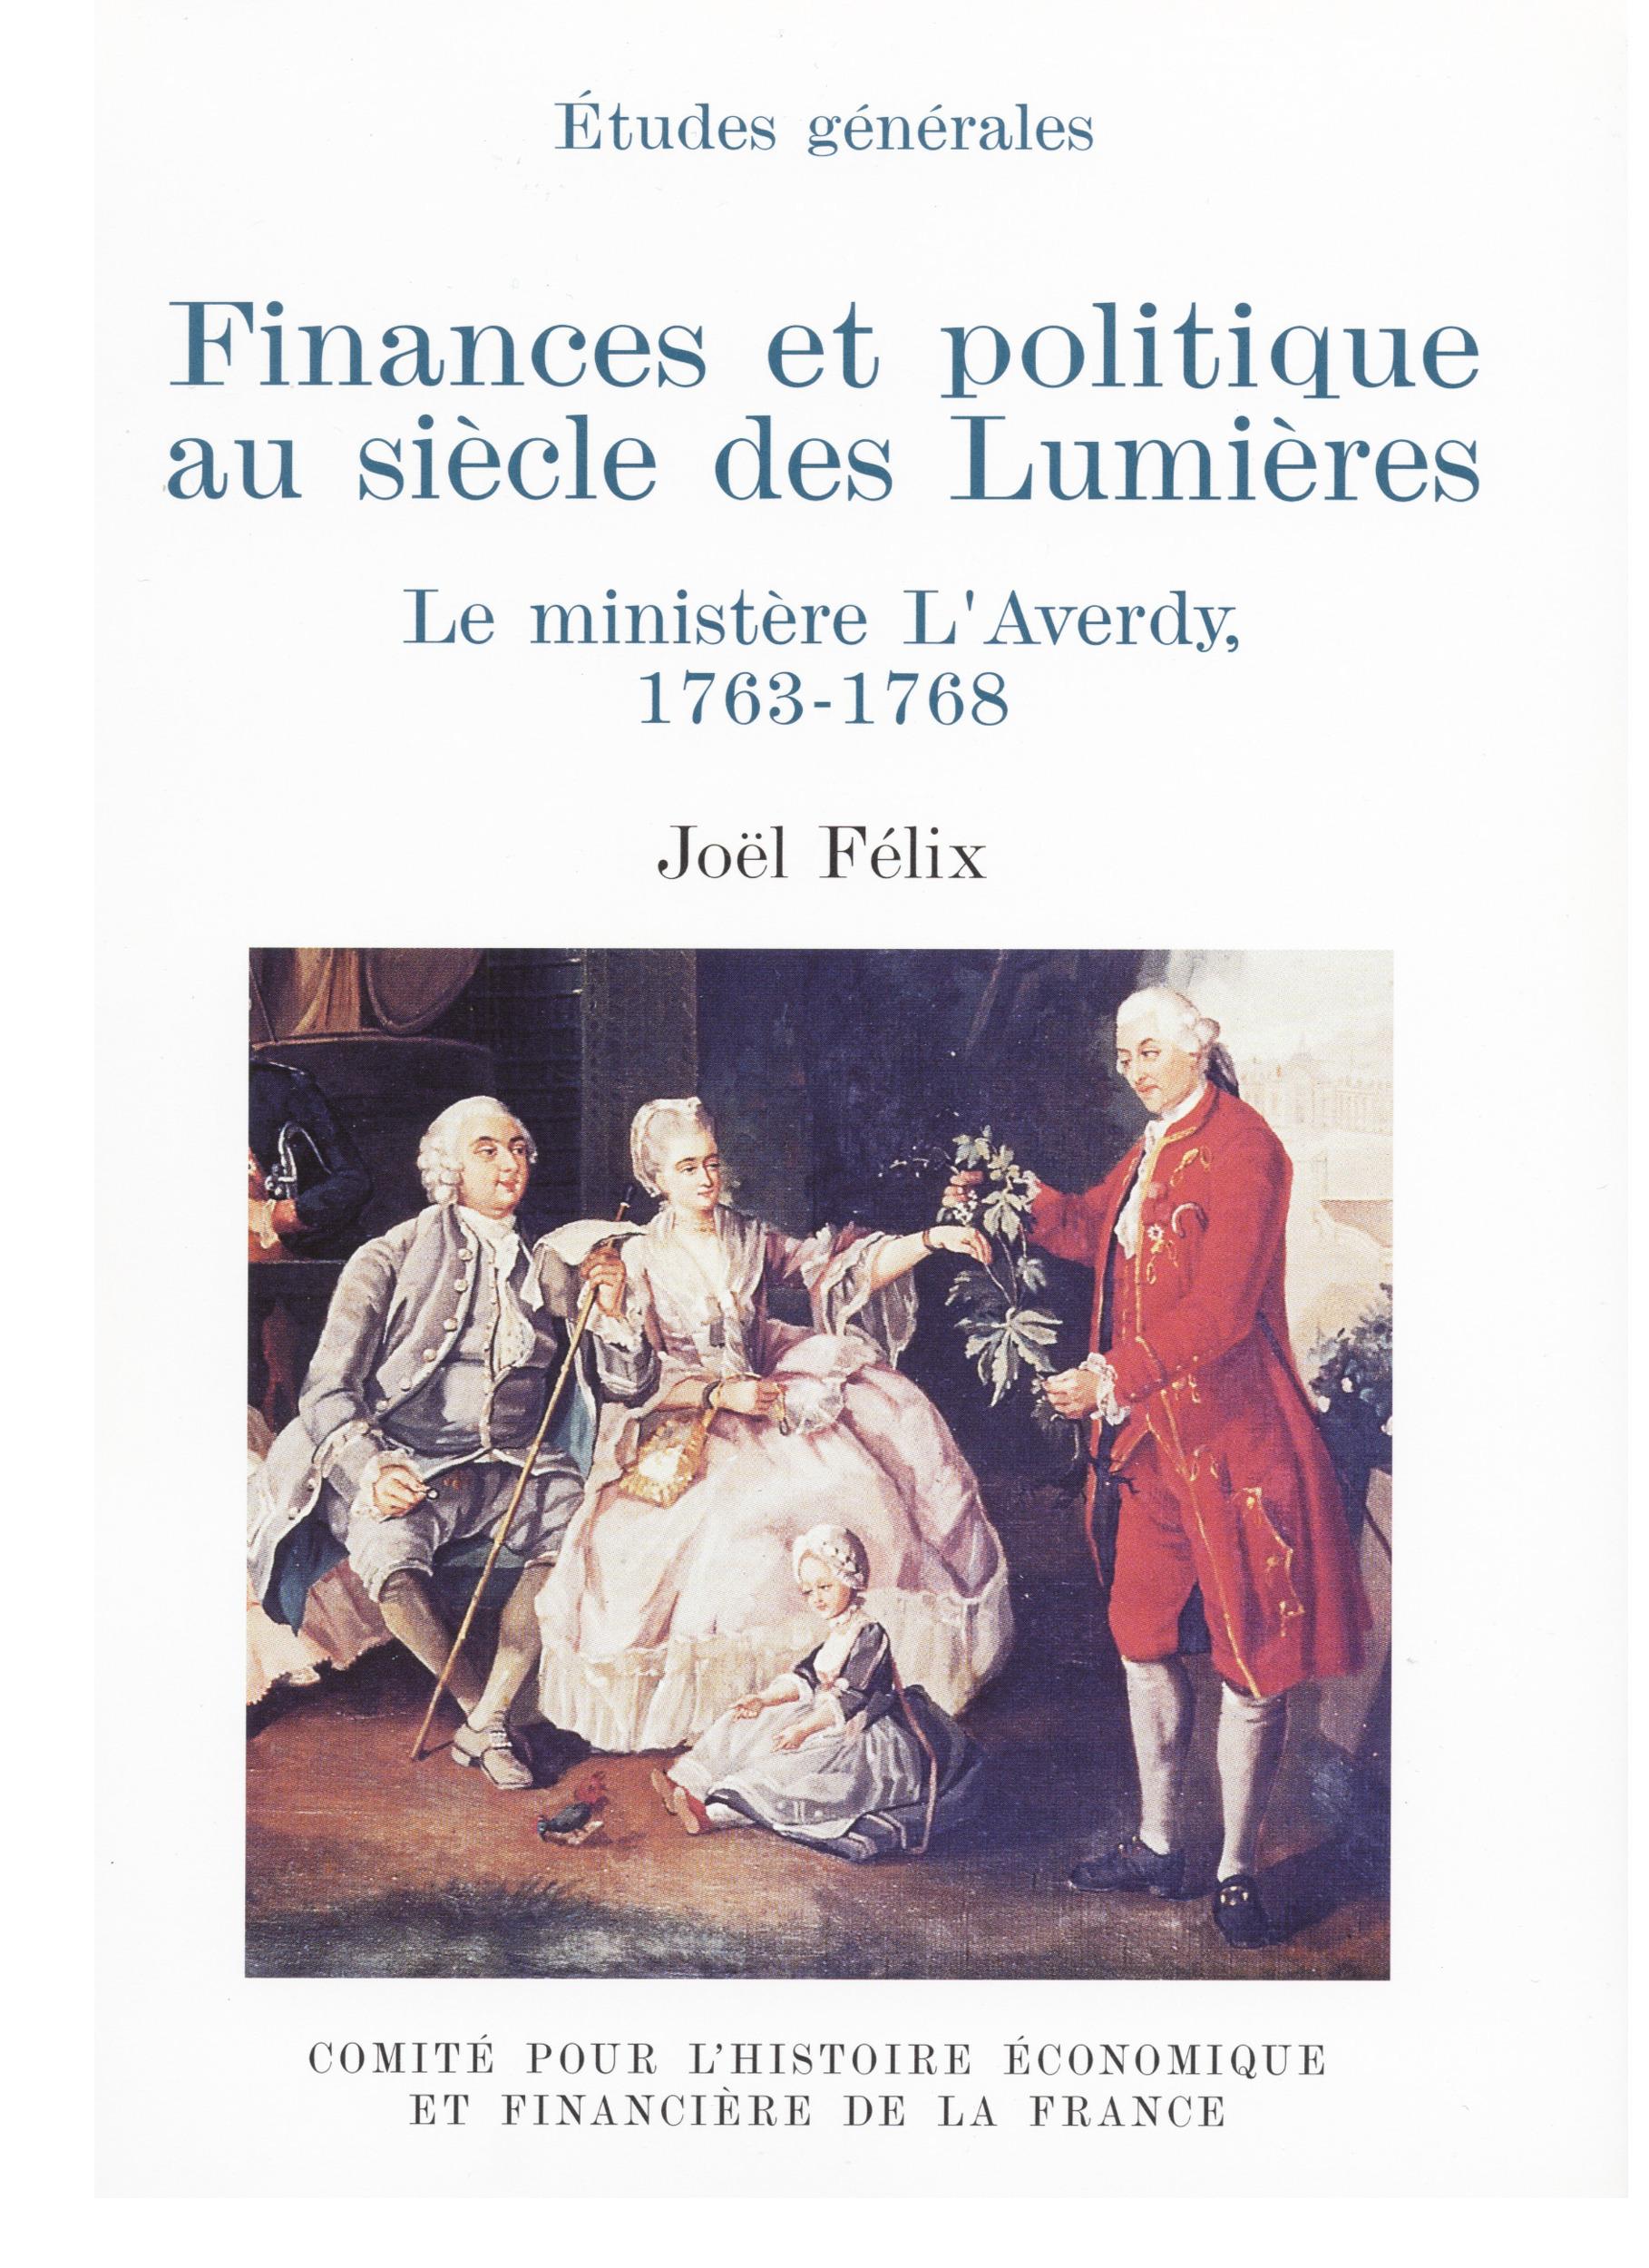 Finances et politique au siecle des lumieres. le ministere l'averdy, 1763-1768